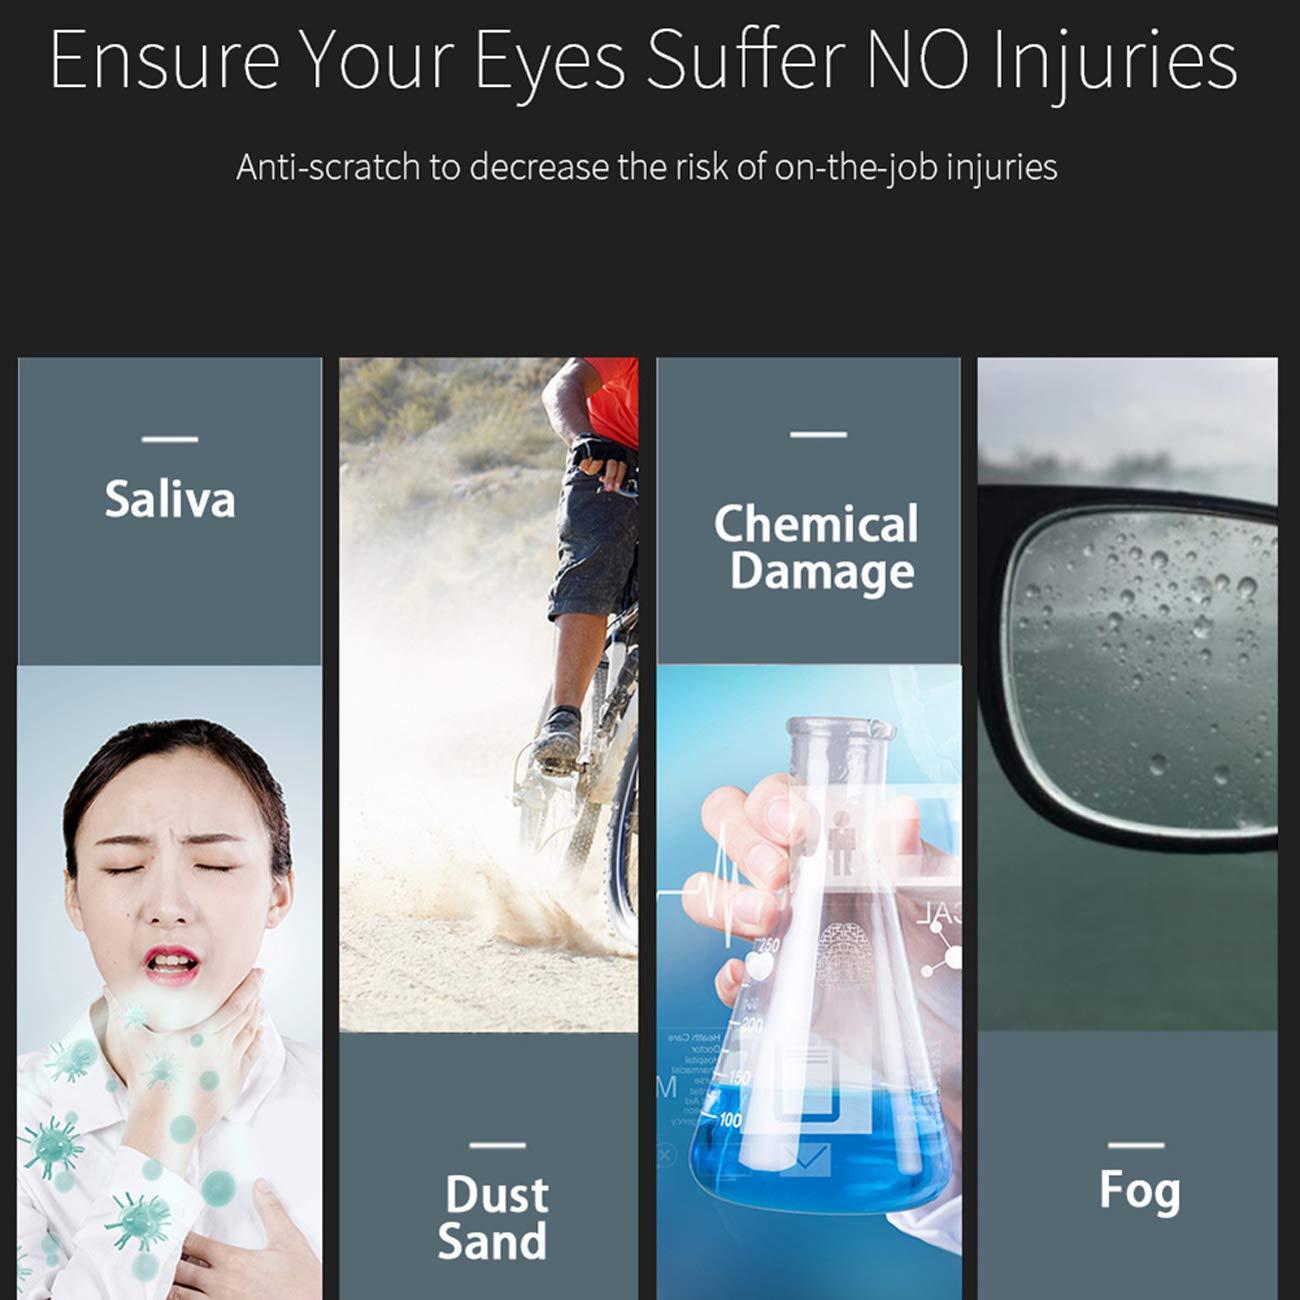 Agricultura Gafas de Protecci/ón,Cubregafas Protectoras Industria Lentes Antivaho Resistentes a Salpicaduras para Laboratorio